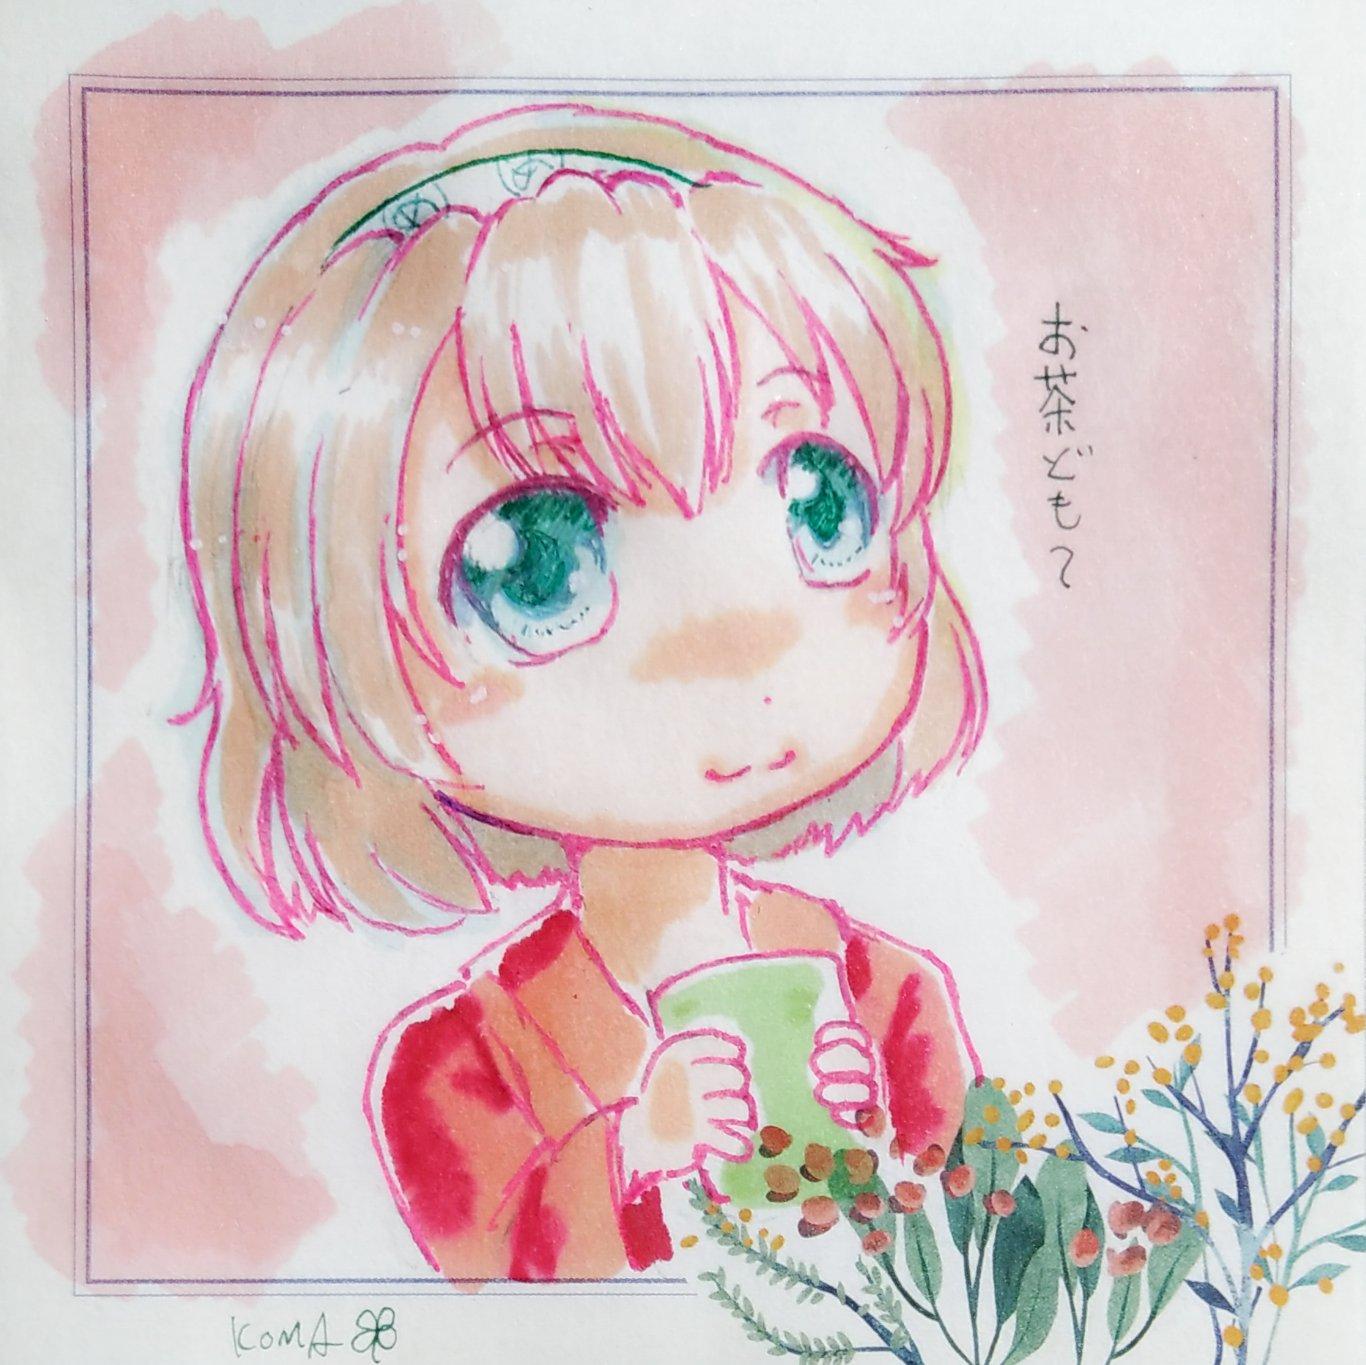 mettoko_Fan_art_758